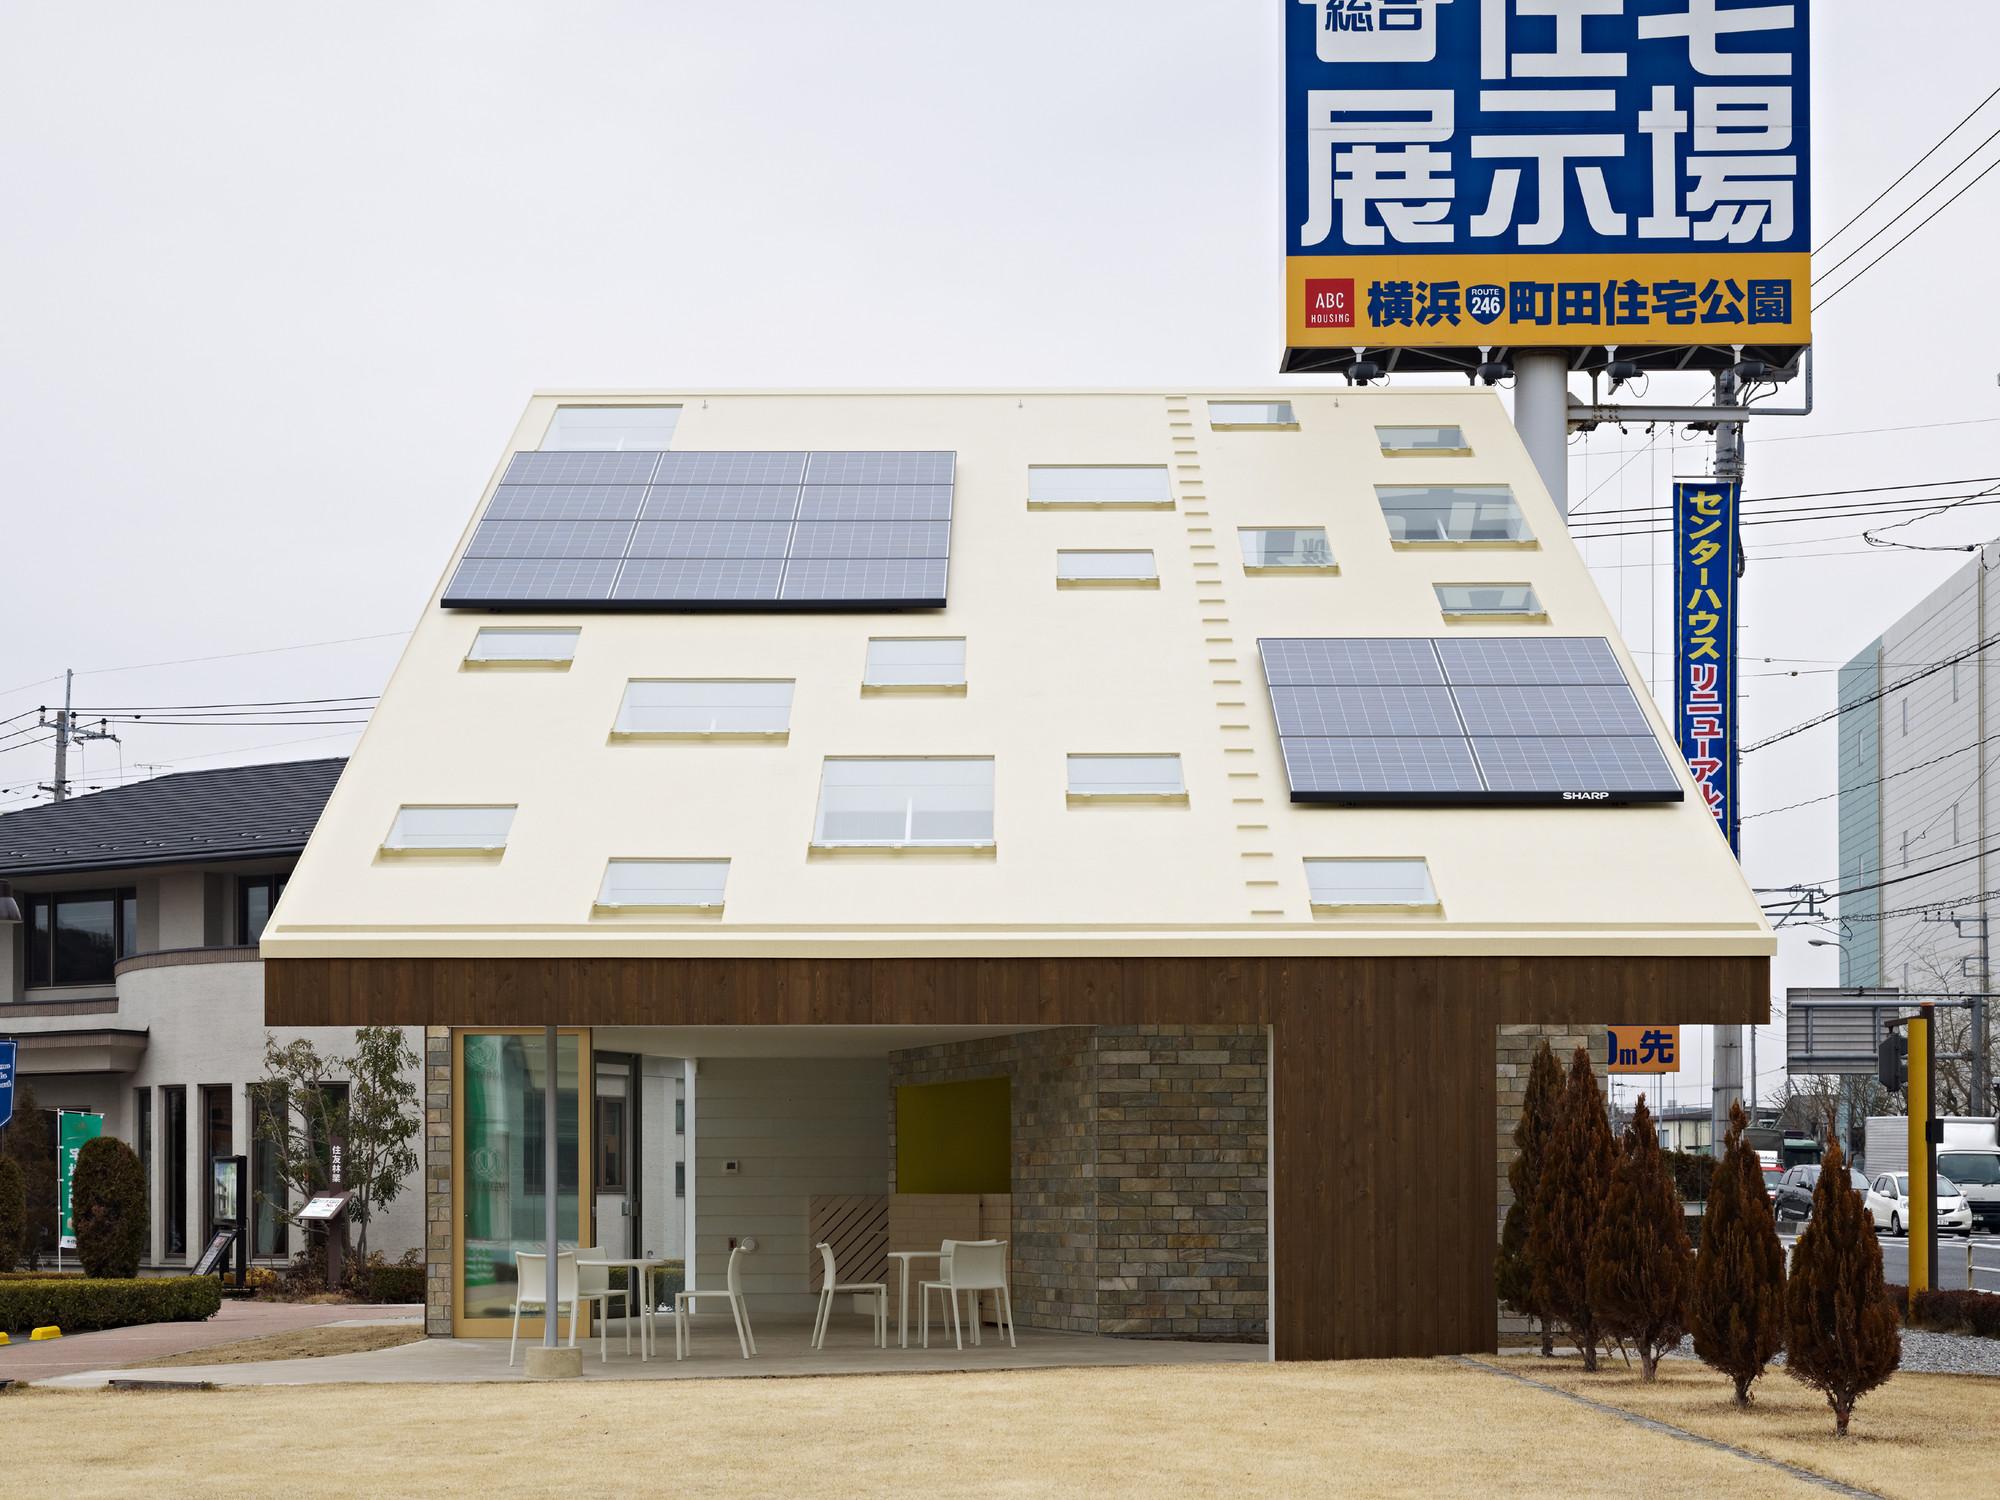 ABC Center House / Kakuro Odagi + Daisuke Narushima, © Daici Ano